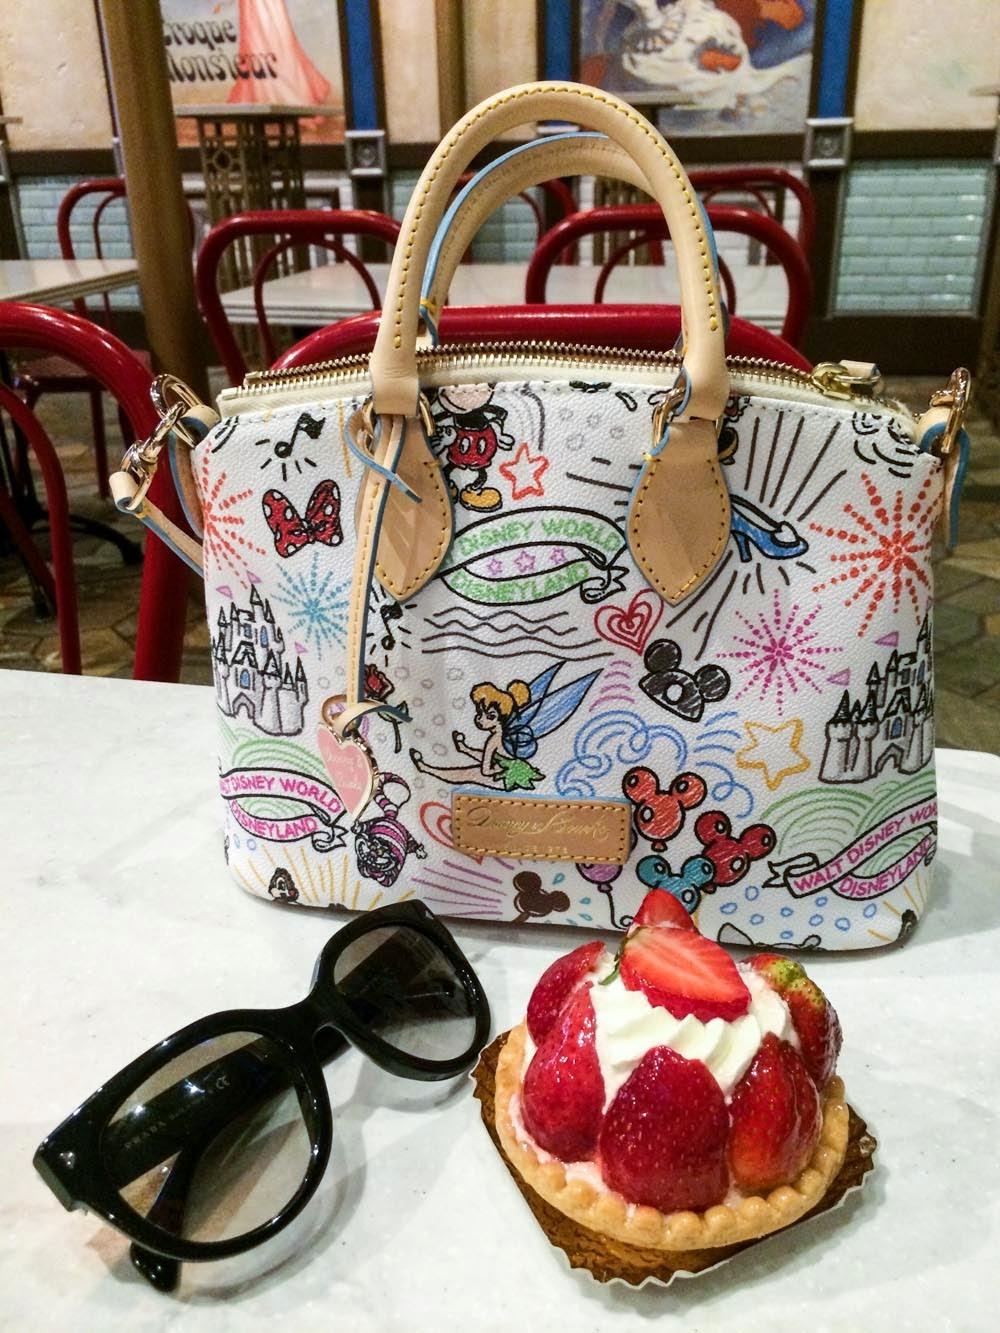 Les Halles Boulangerie & Pâtisserie Epcot Strawberry Tart